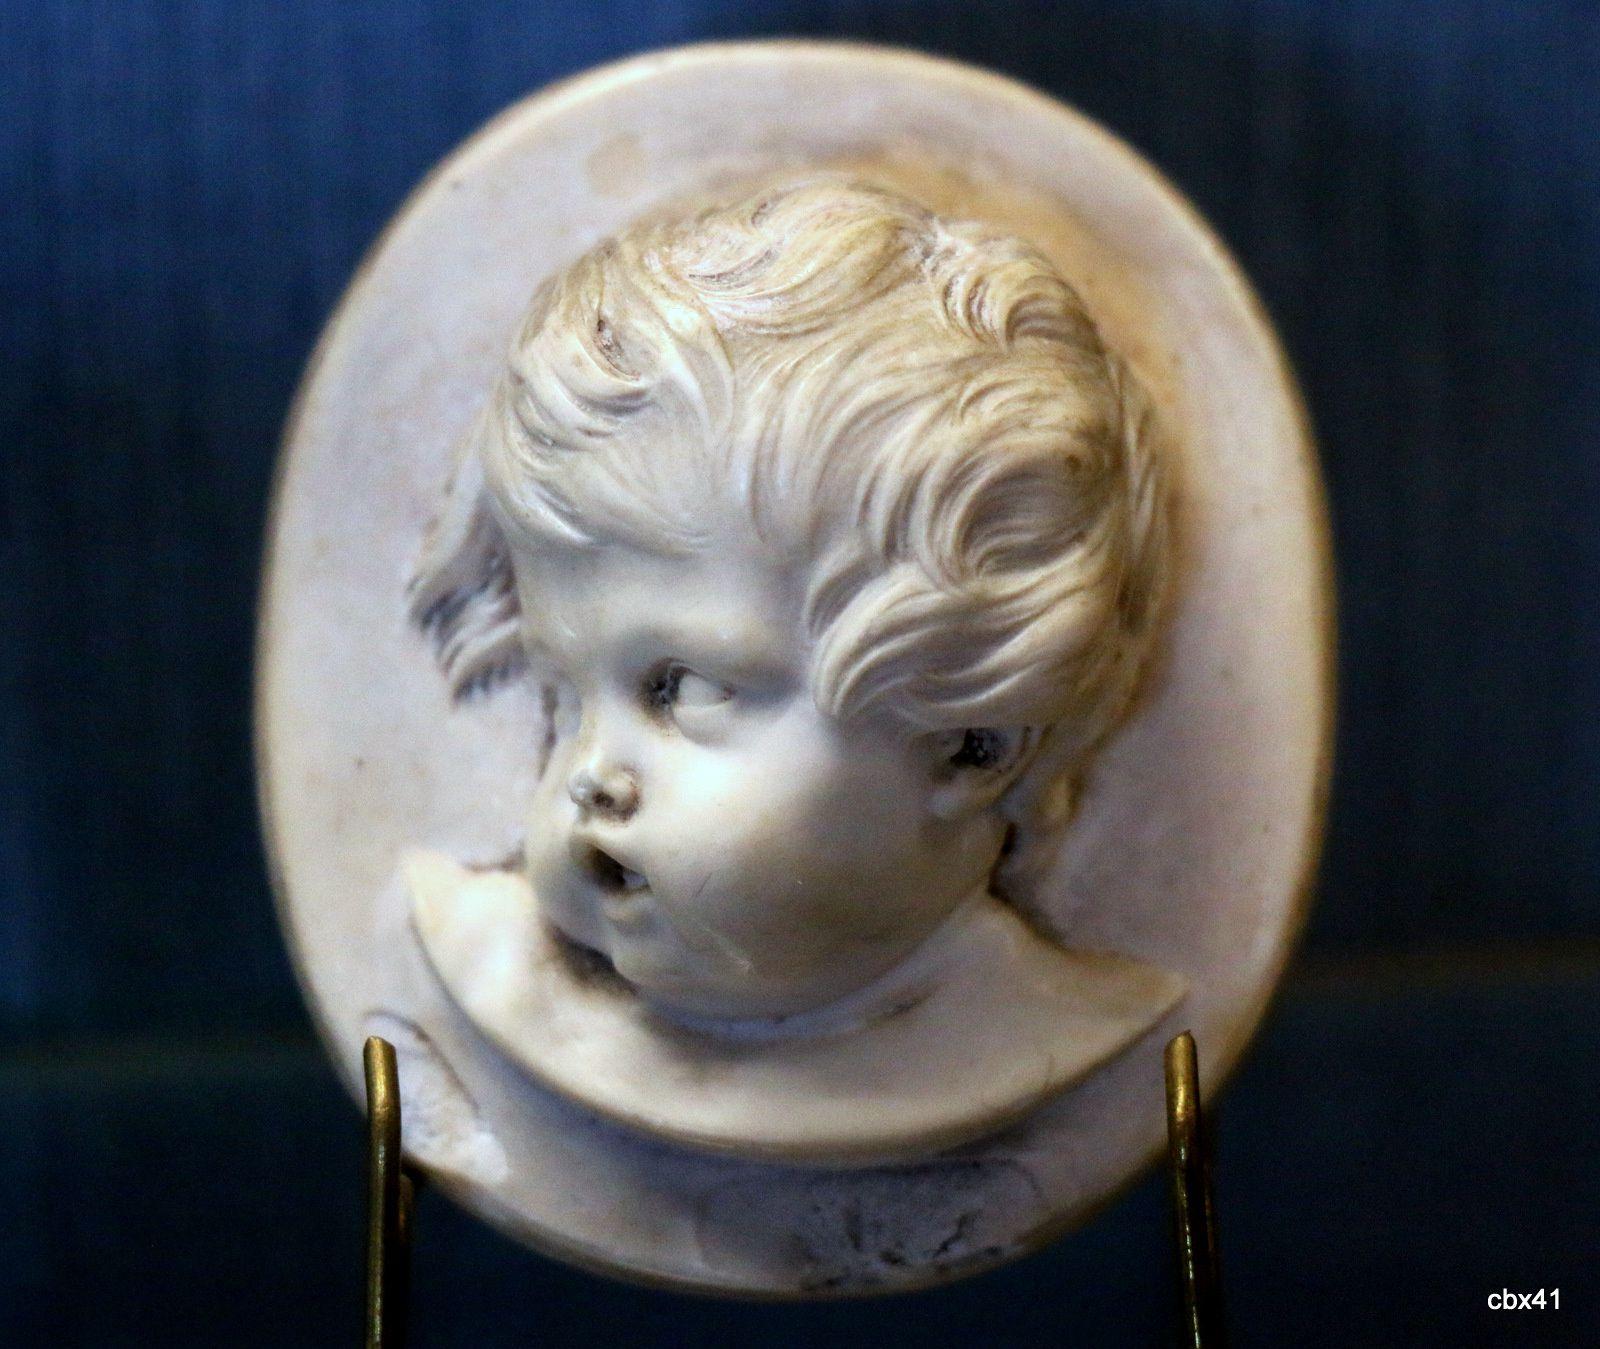 Têtes d'enfants (ivoire), château-musée de Dieppe